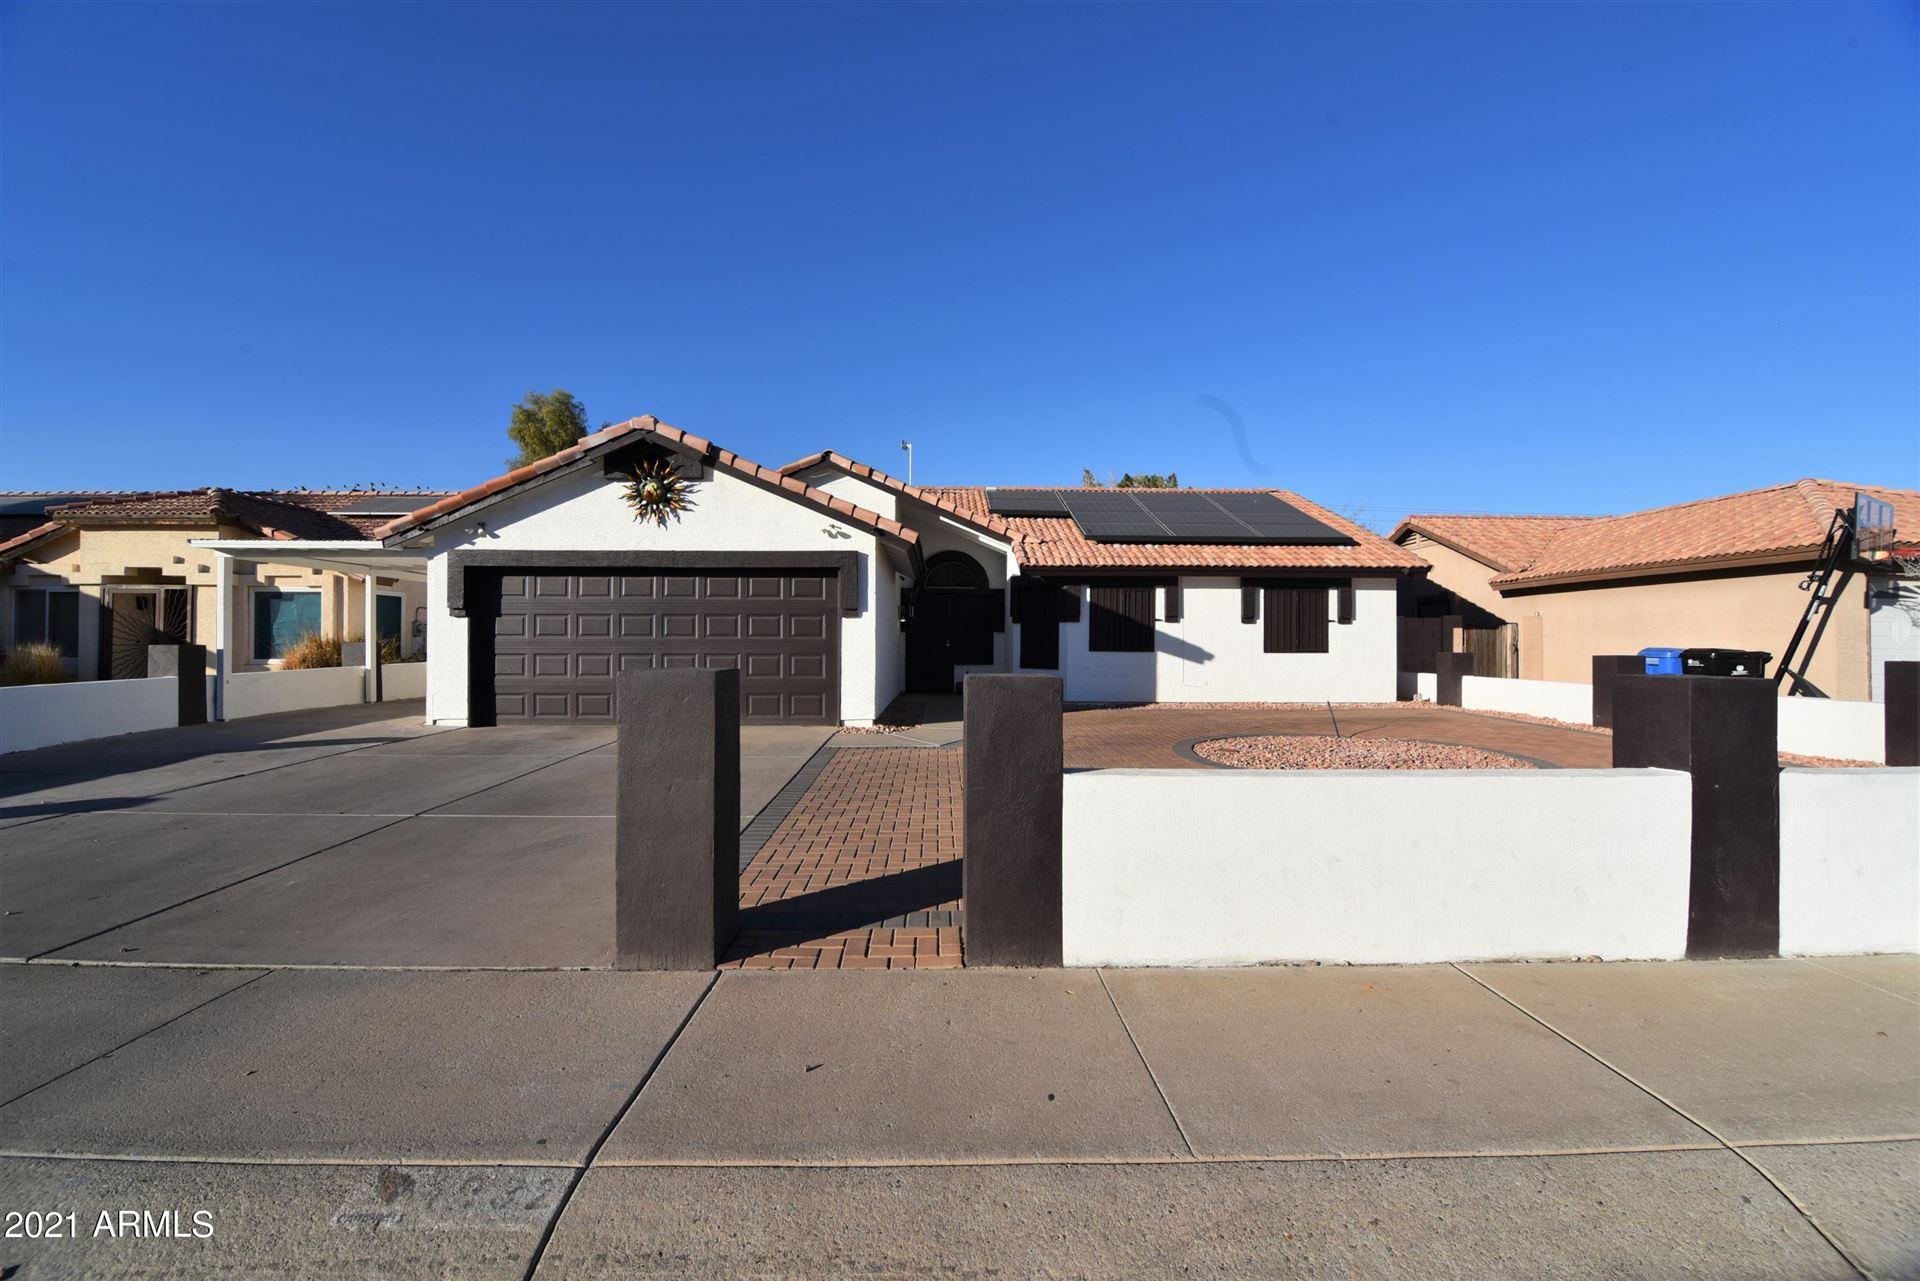 1932 E ALTA VISTA Road, Phoenix, AZ 85042 - MLS#: 6182612